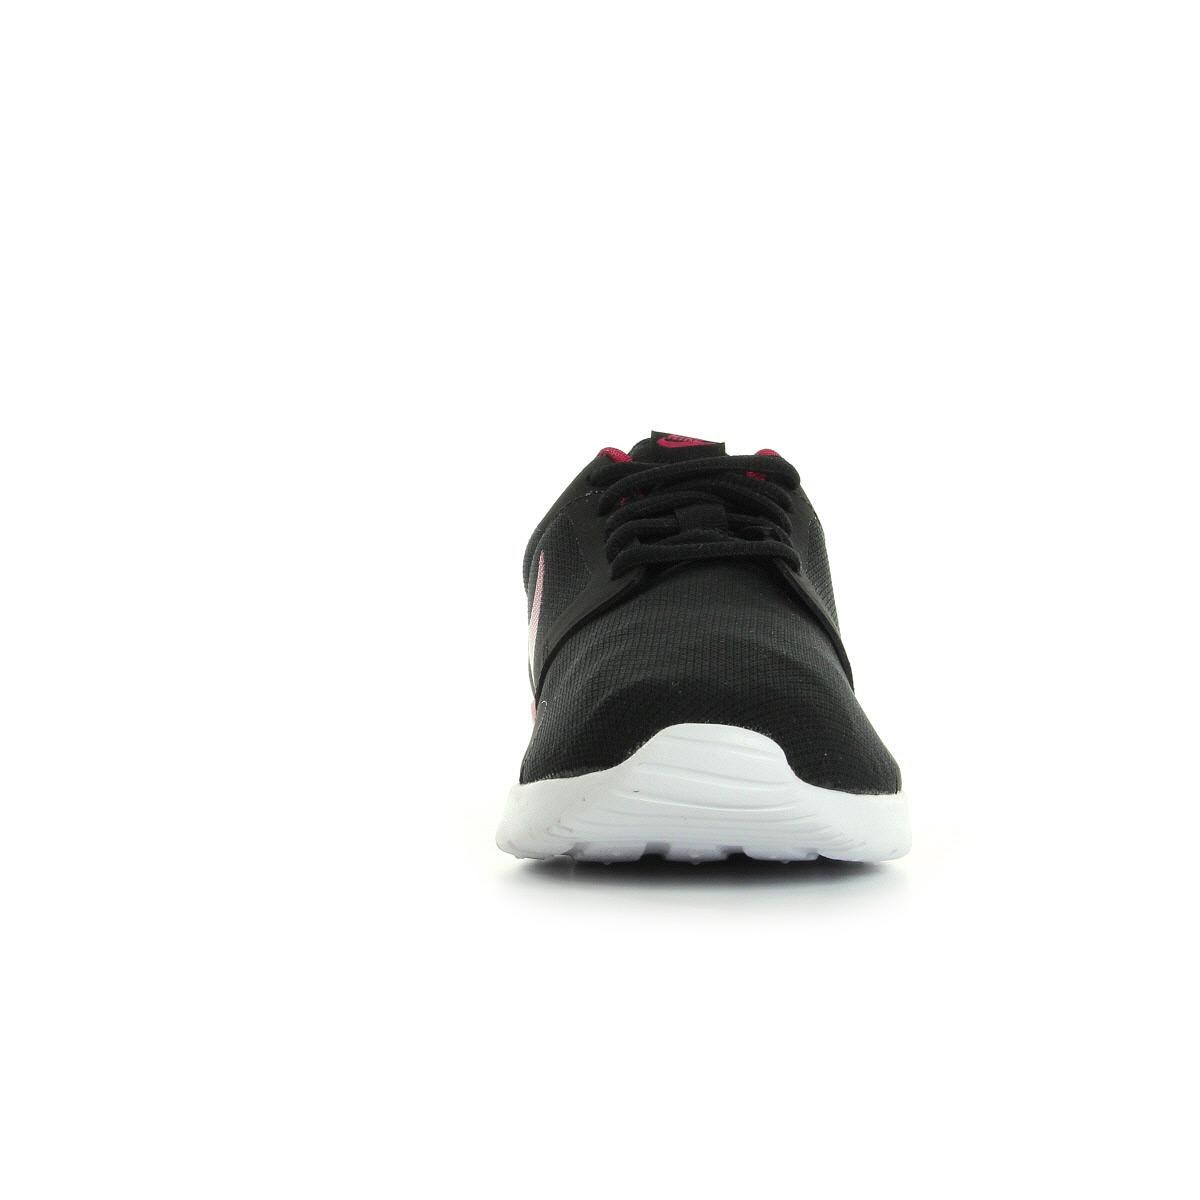 Nike WMNS Nike Kaishi 747495061, Baskets mode femme